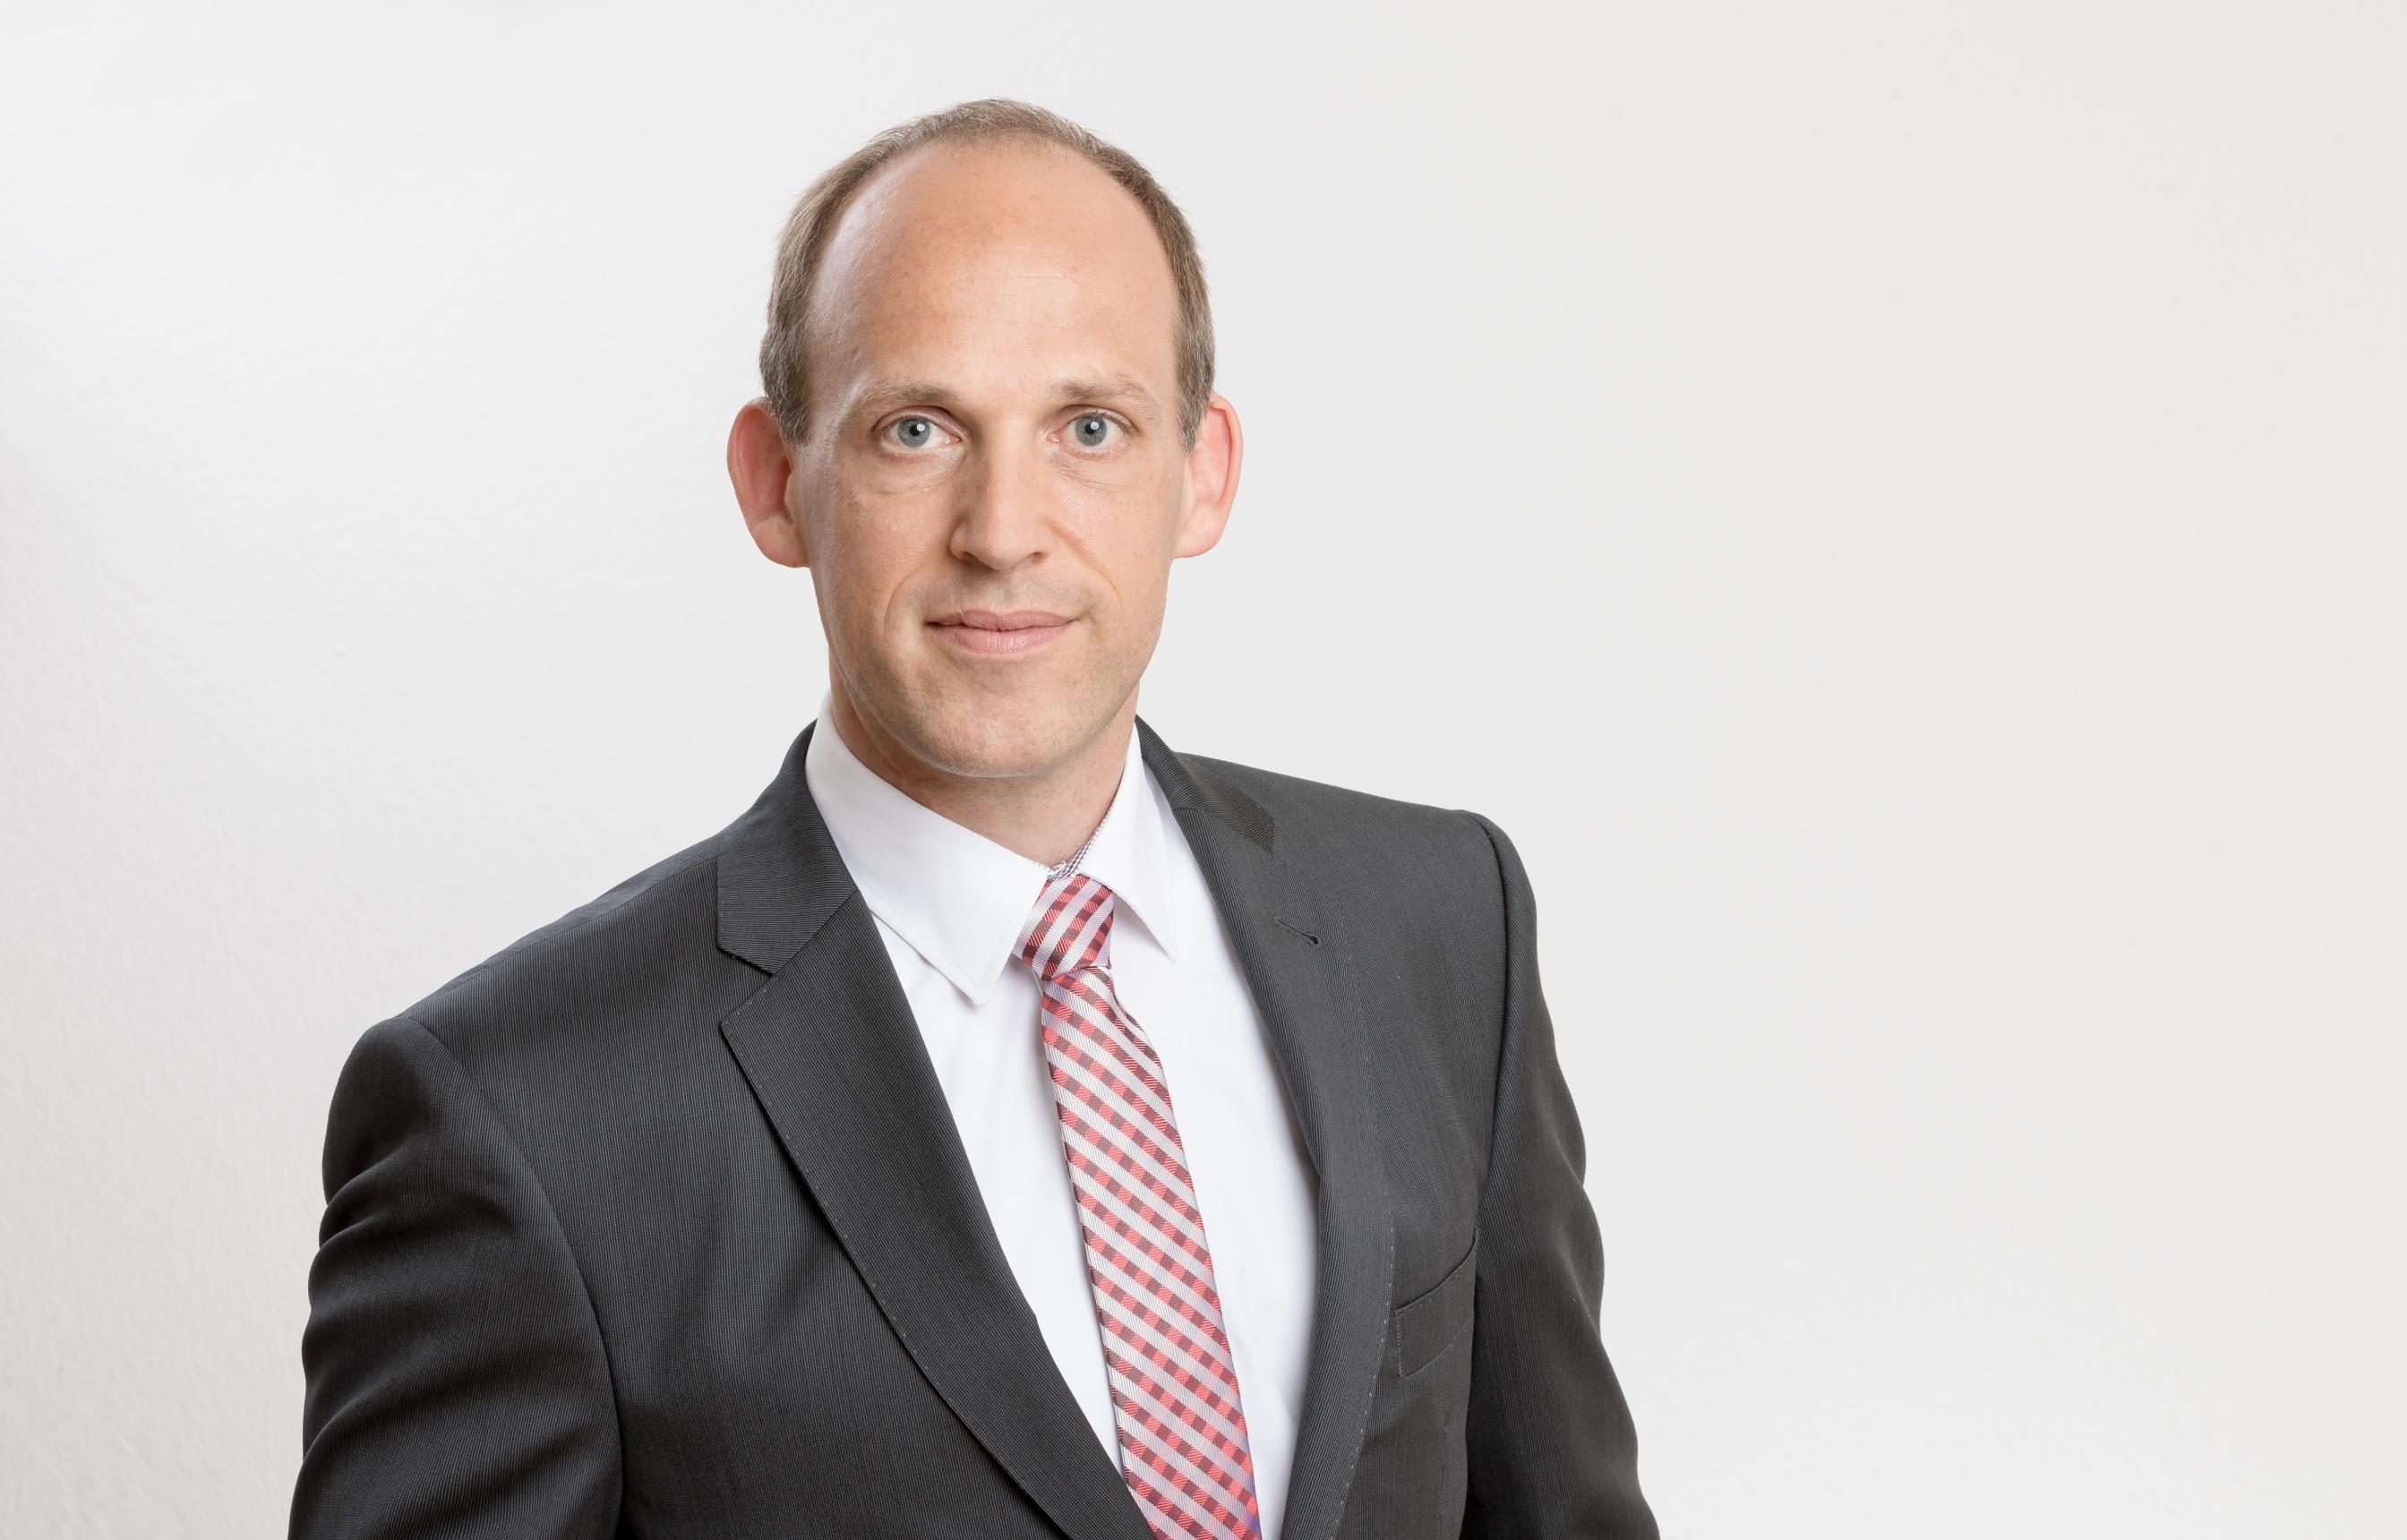 Thorsten Müller, Vorsitzender des Stiftungsvorstandes bei Stiftung Umweltenergierecht